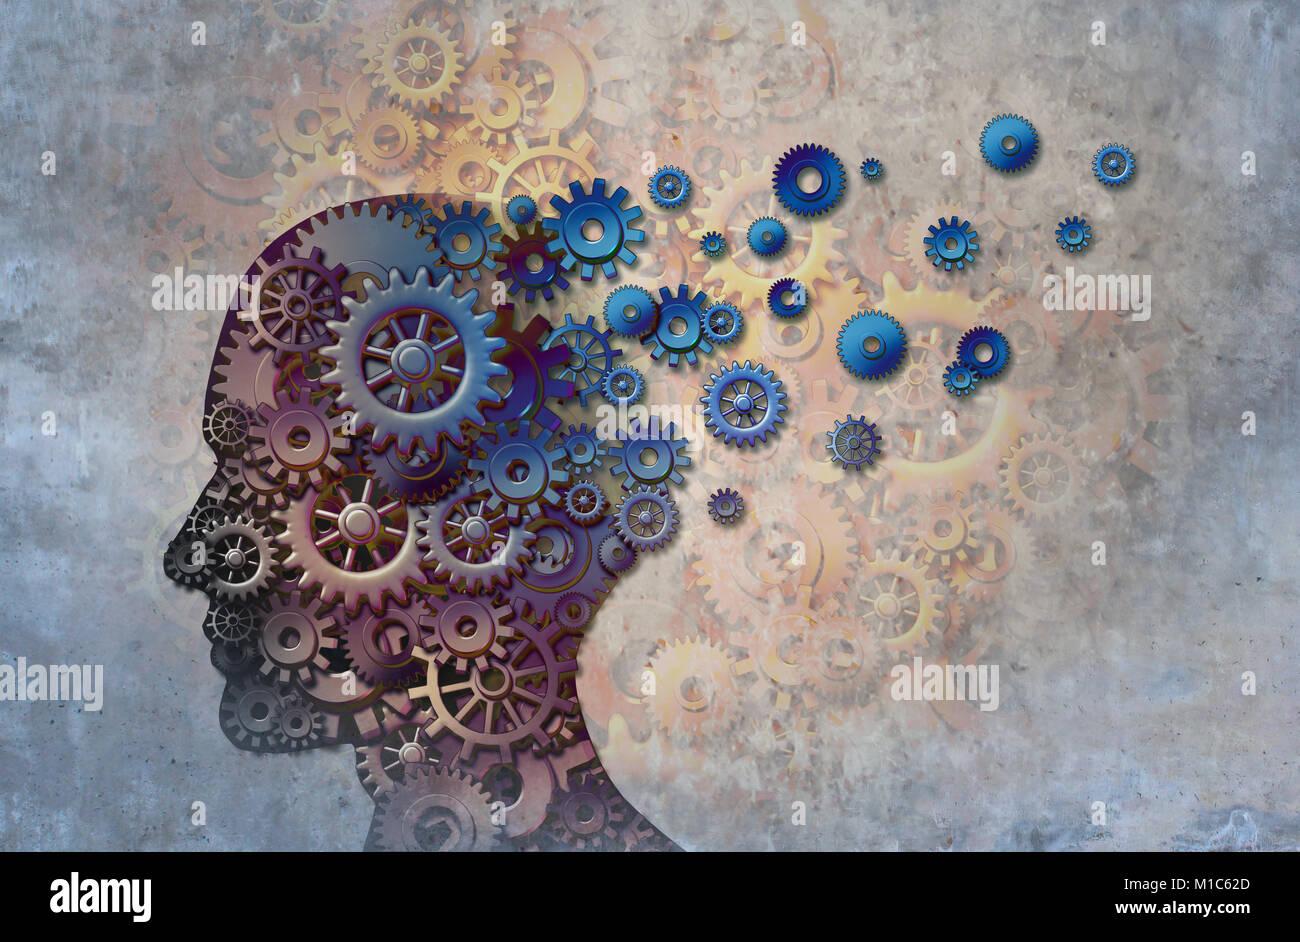 Enfermedad de Alzheimer la pérdida de memoria debido a la demencia y la enfermedad cerebral con el abstracto Imagen De Stock